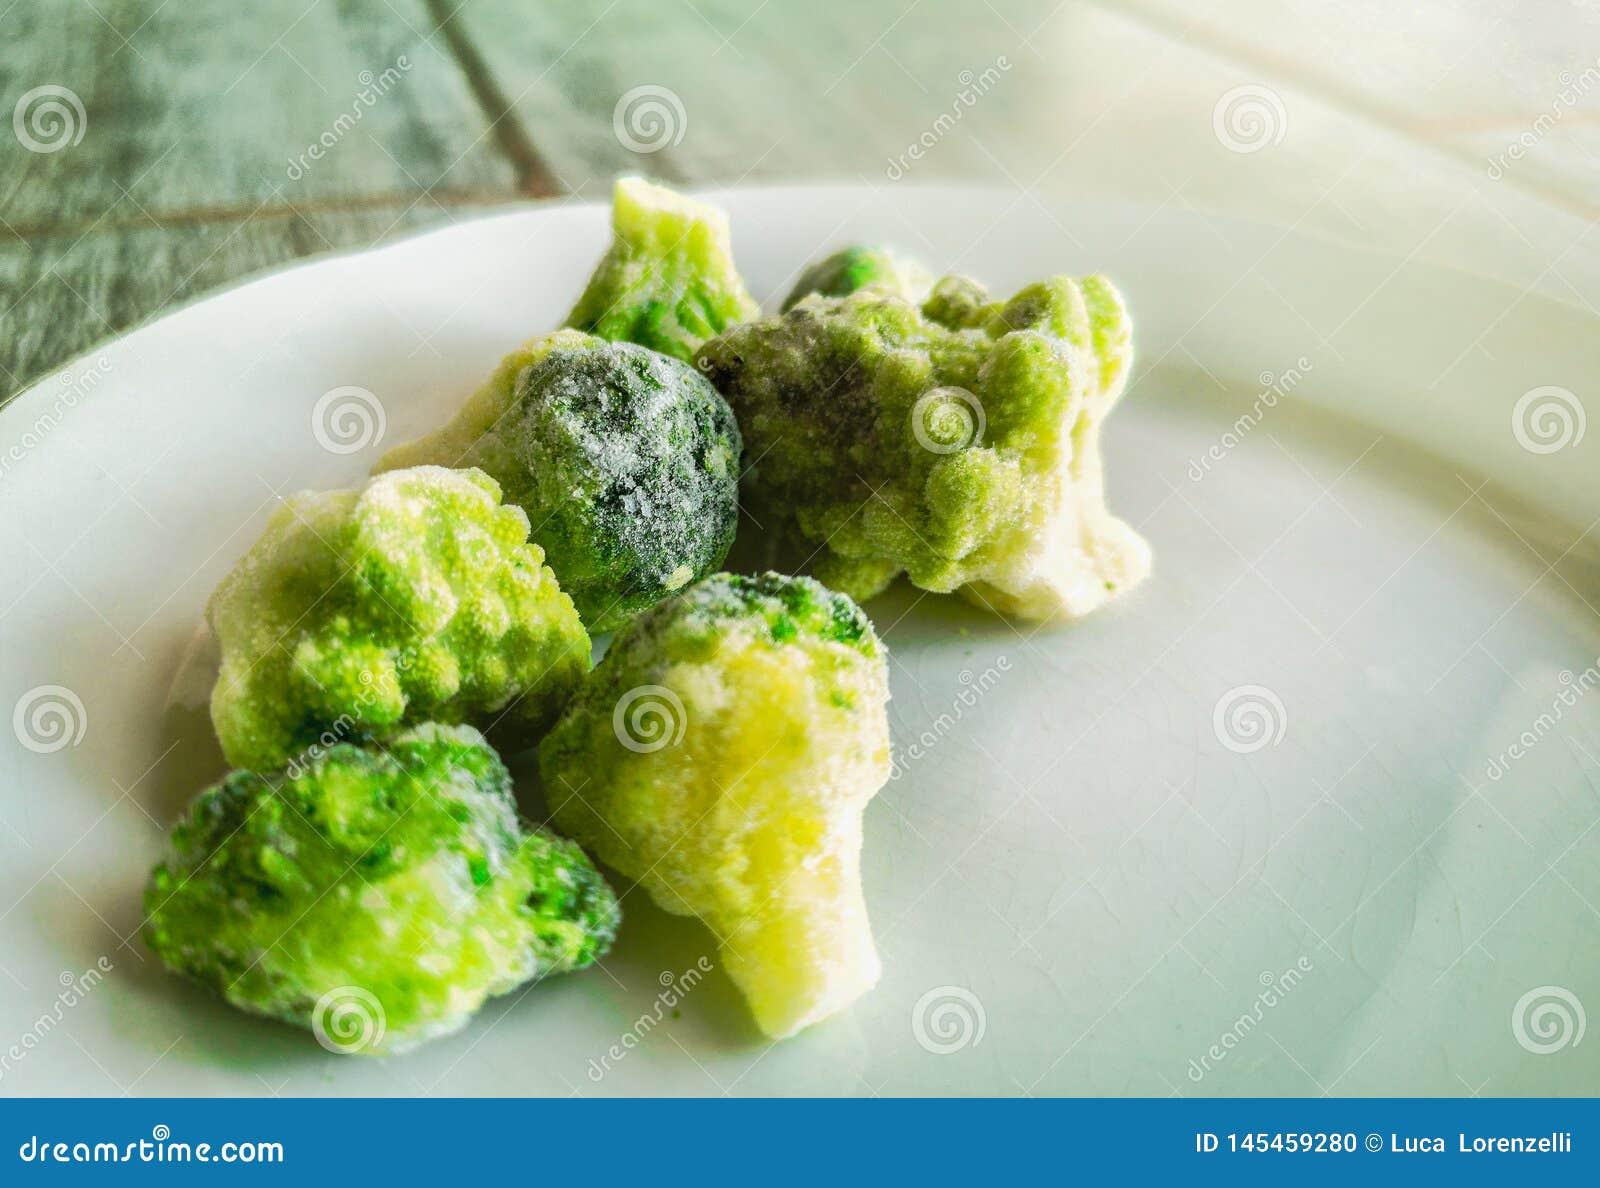 Fryste veggies glaserade broccoliisläggning utanför fryskylen